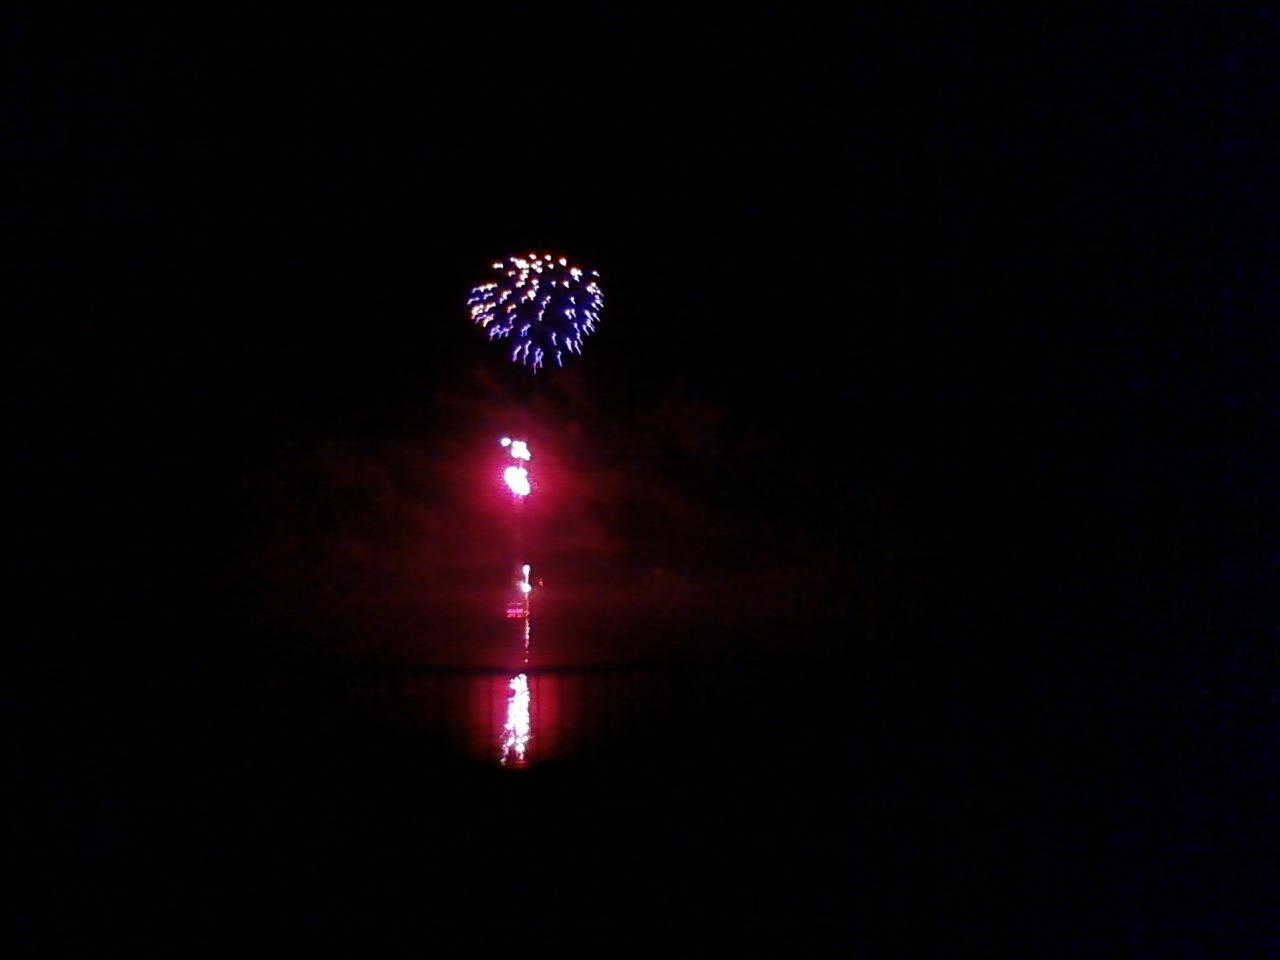 洞爺湖マラソン前夜